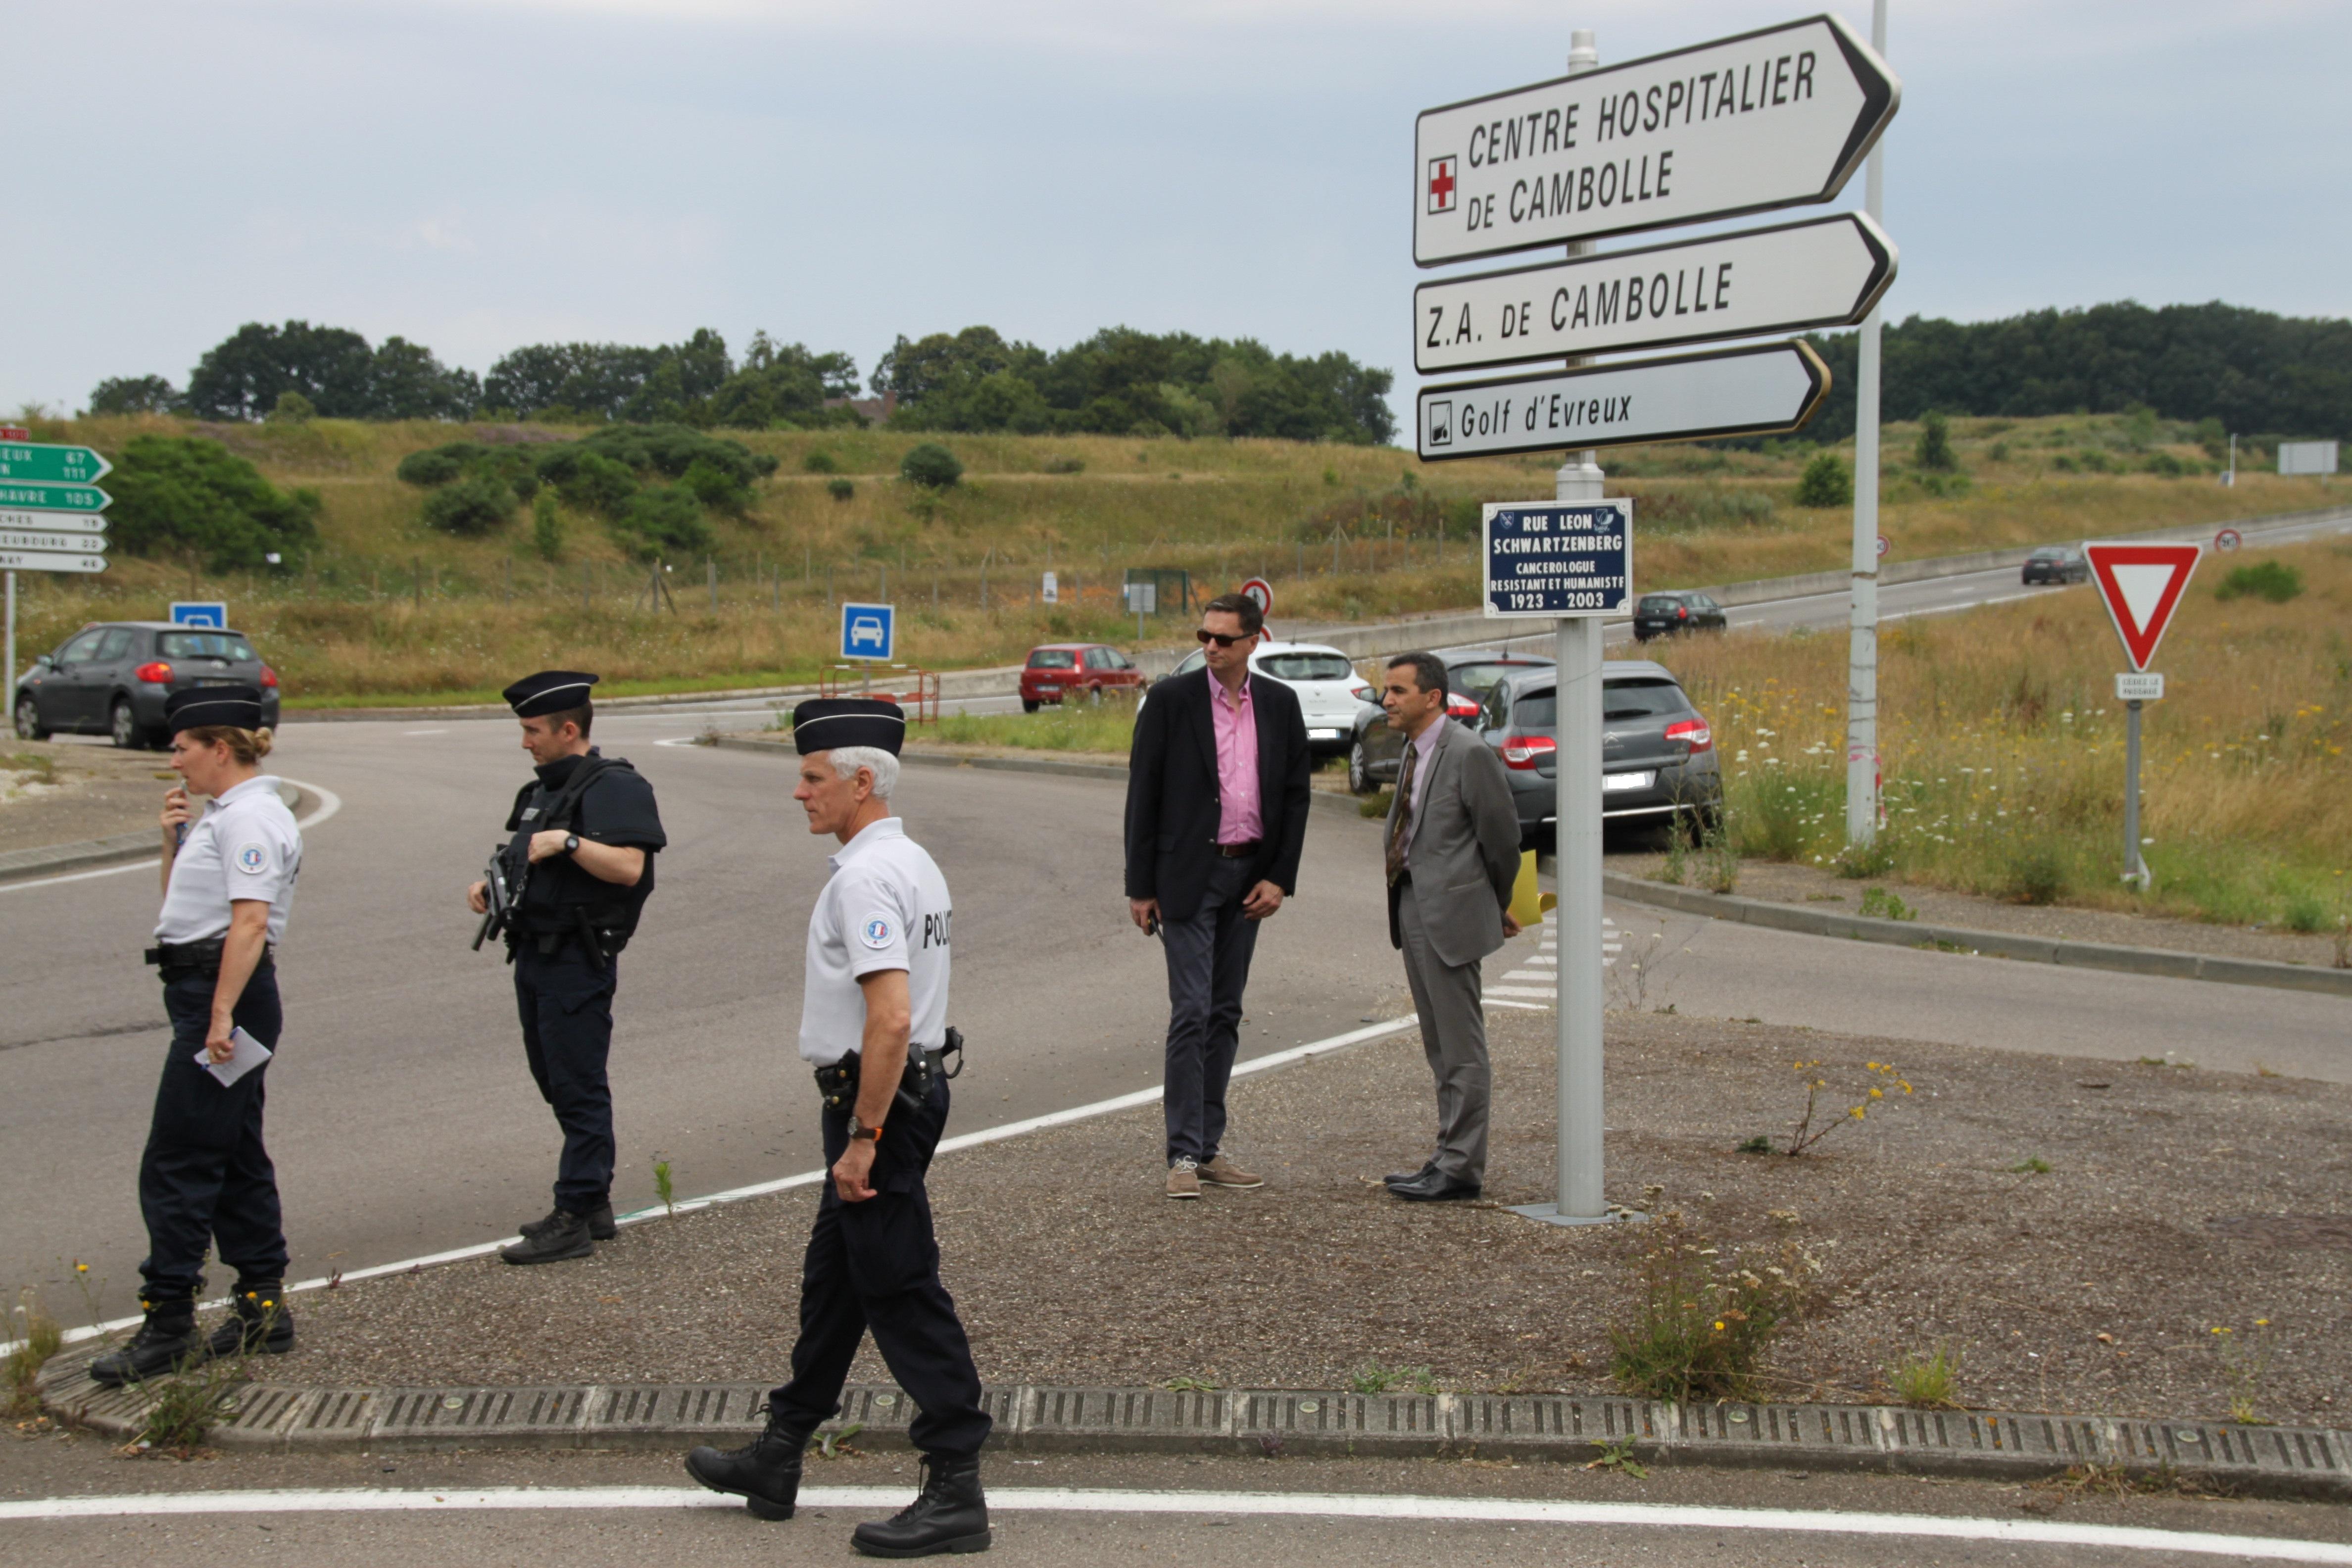 Lors du contrôle au carrefour de Cambolle, à proximité de l'hôpital (Photo@Préfecture27)